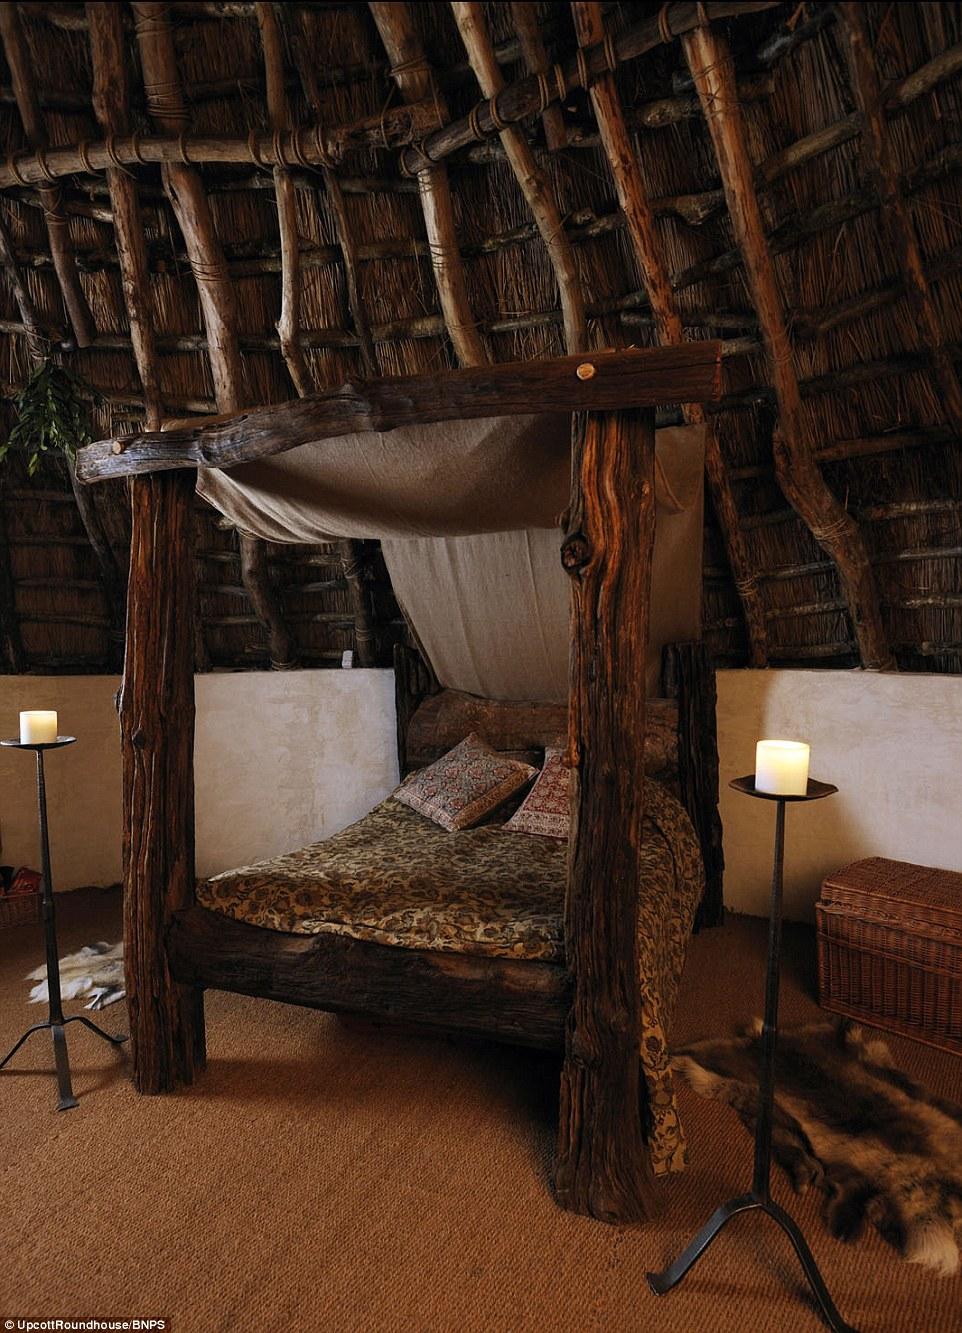 Blottir! La cabane n'a pas d'électricité, et repose sur un feu de cheminée en pierre pour la chaleur et la cuisine. La nourriture est disponible à l'arrivée, sur demande, et des bougies sont proposés pour les lumières